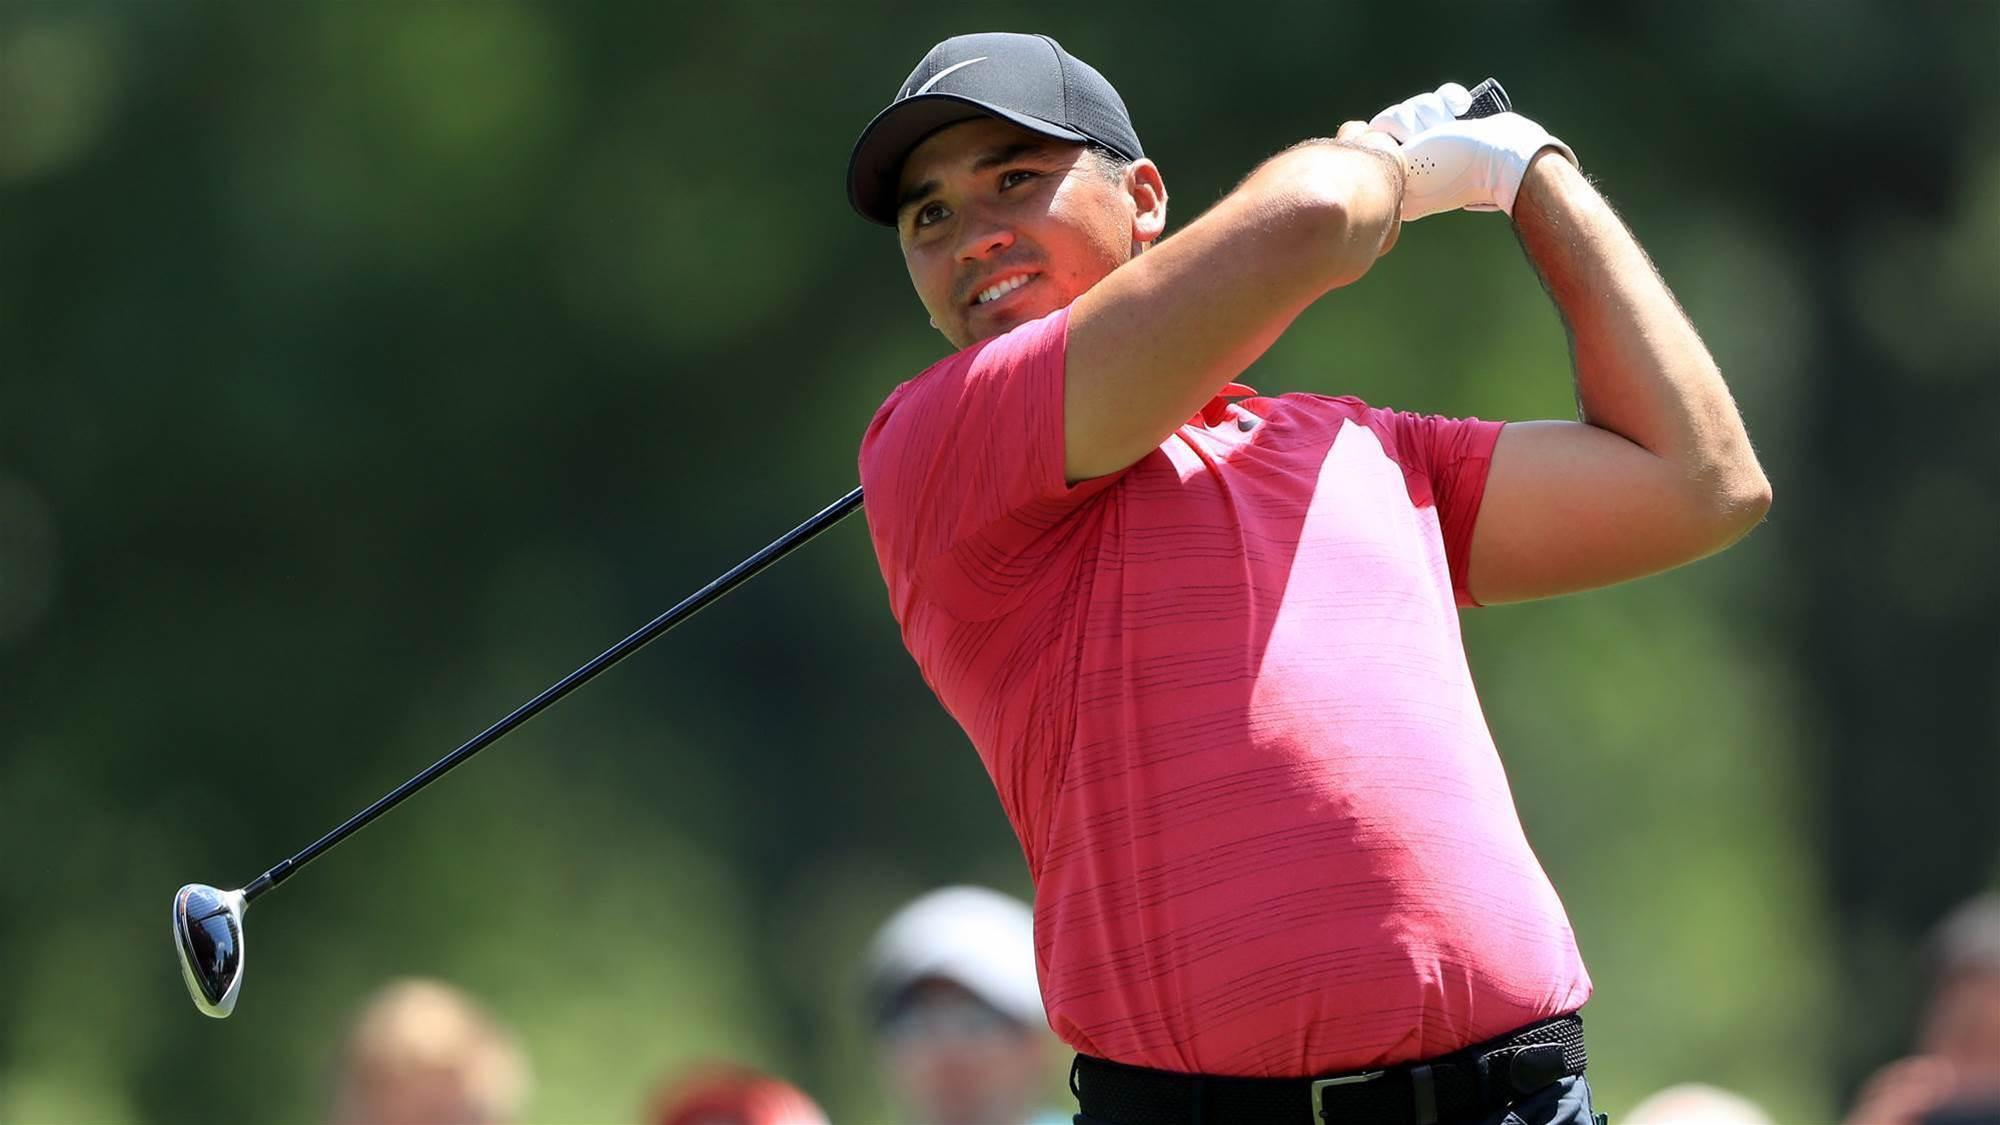 Day seeks U.S PGA focus beside Mickelson